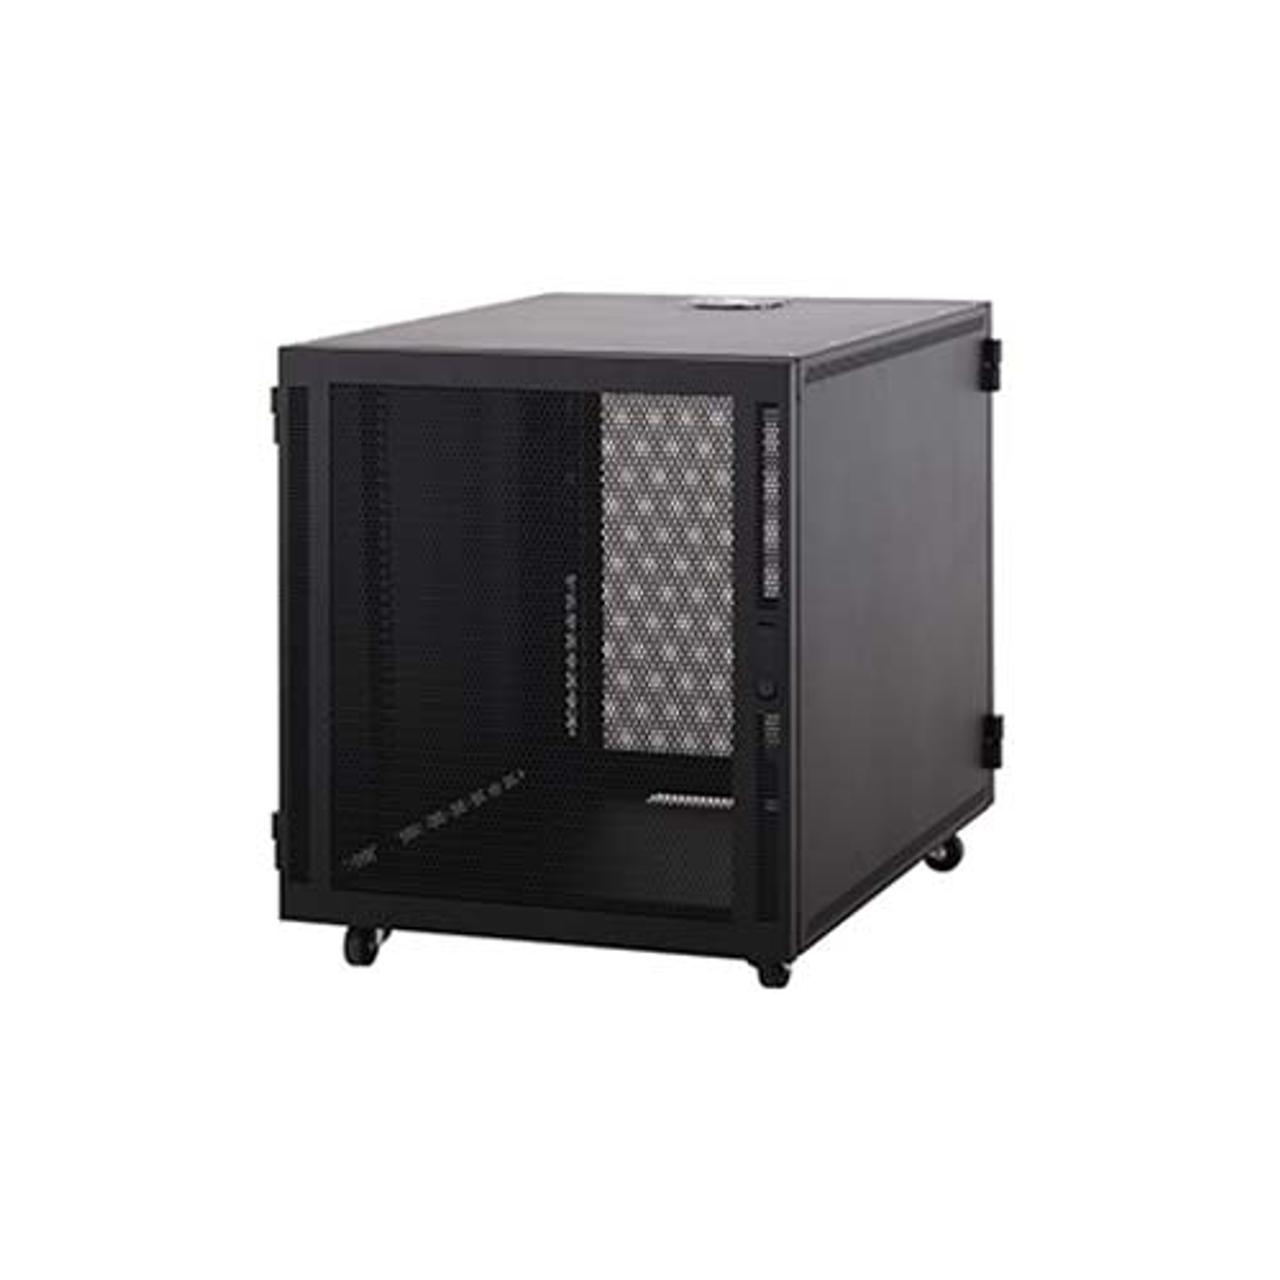 Portable Compact Server Racks